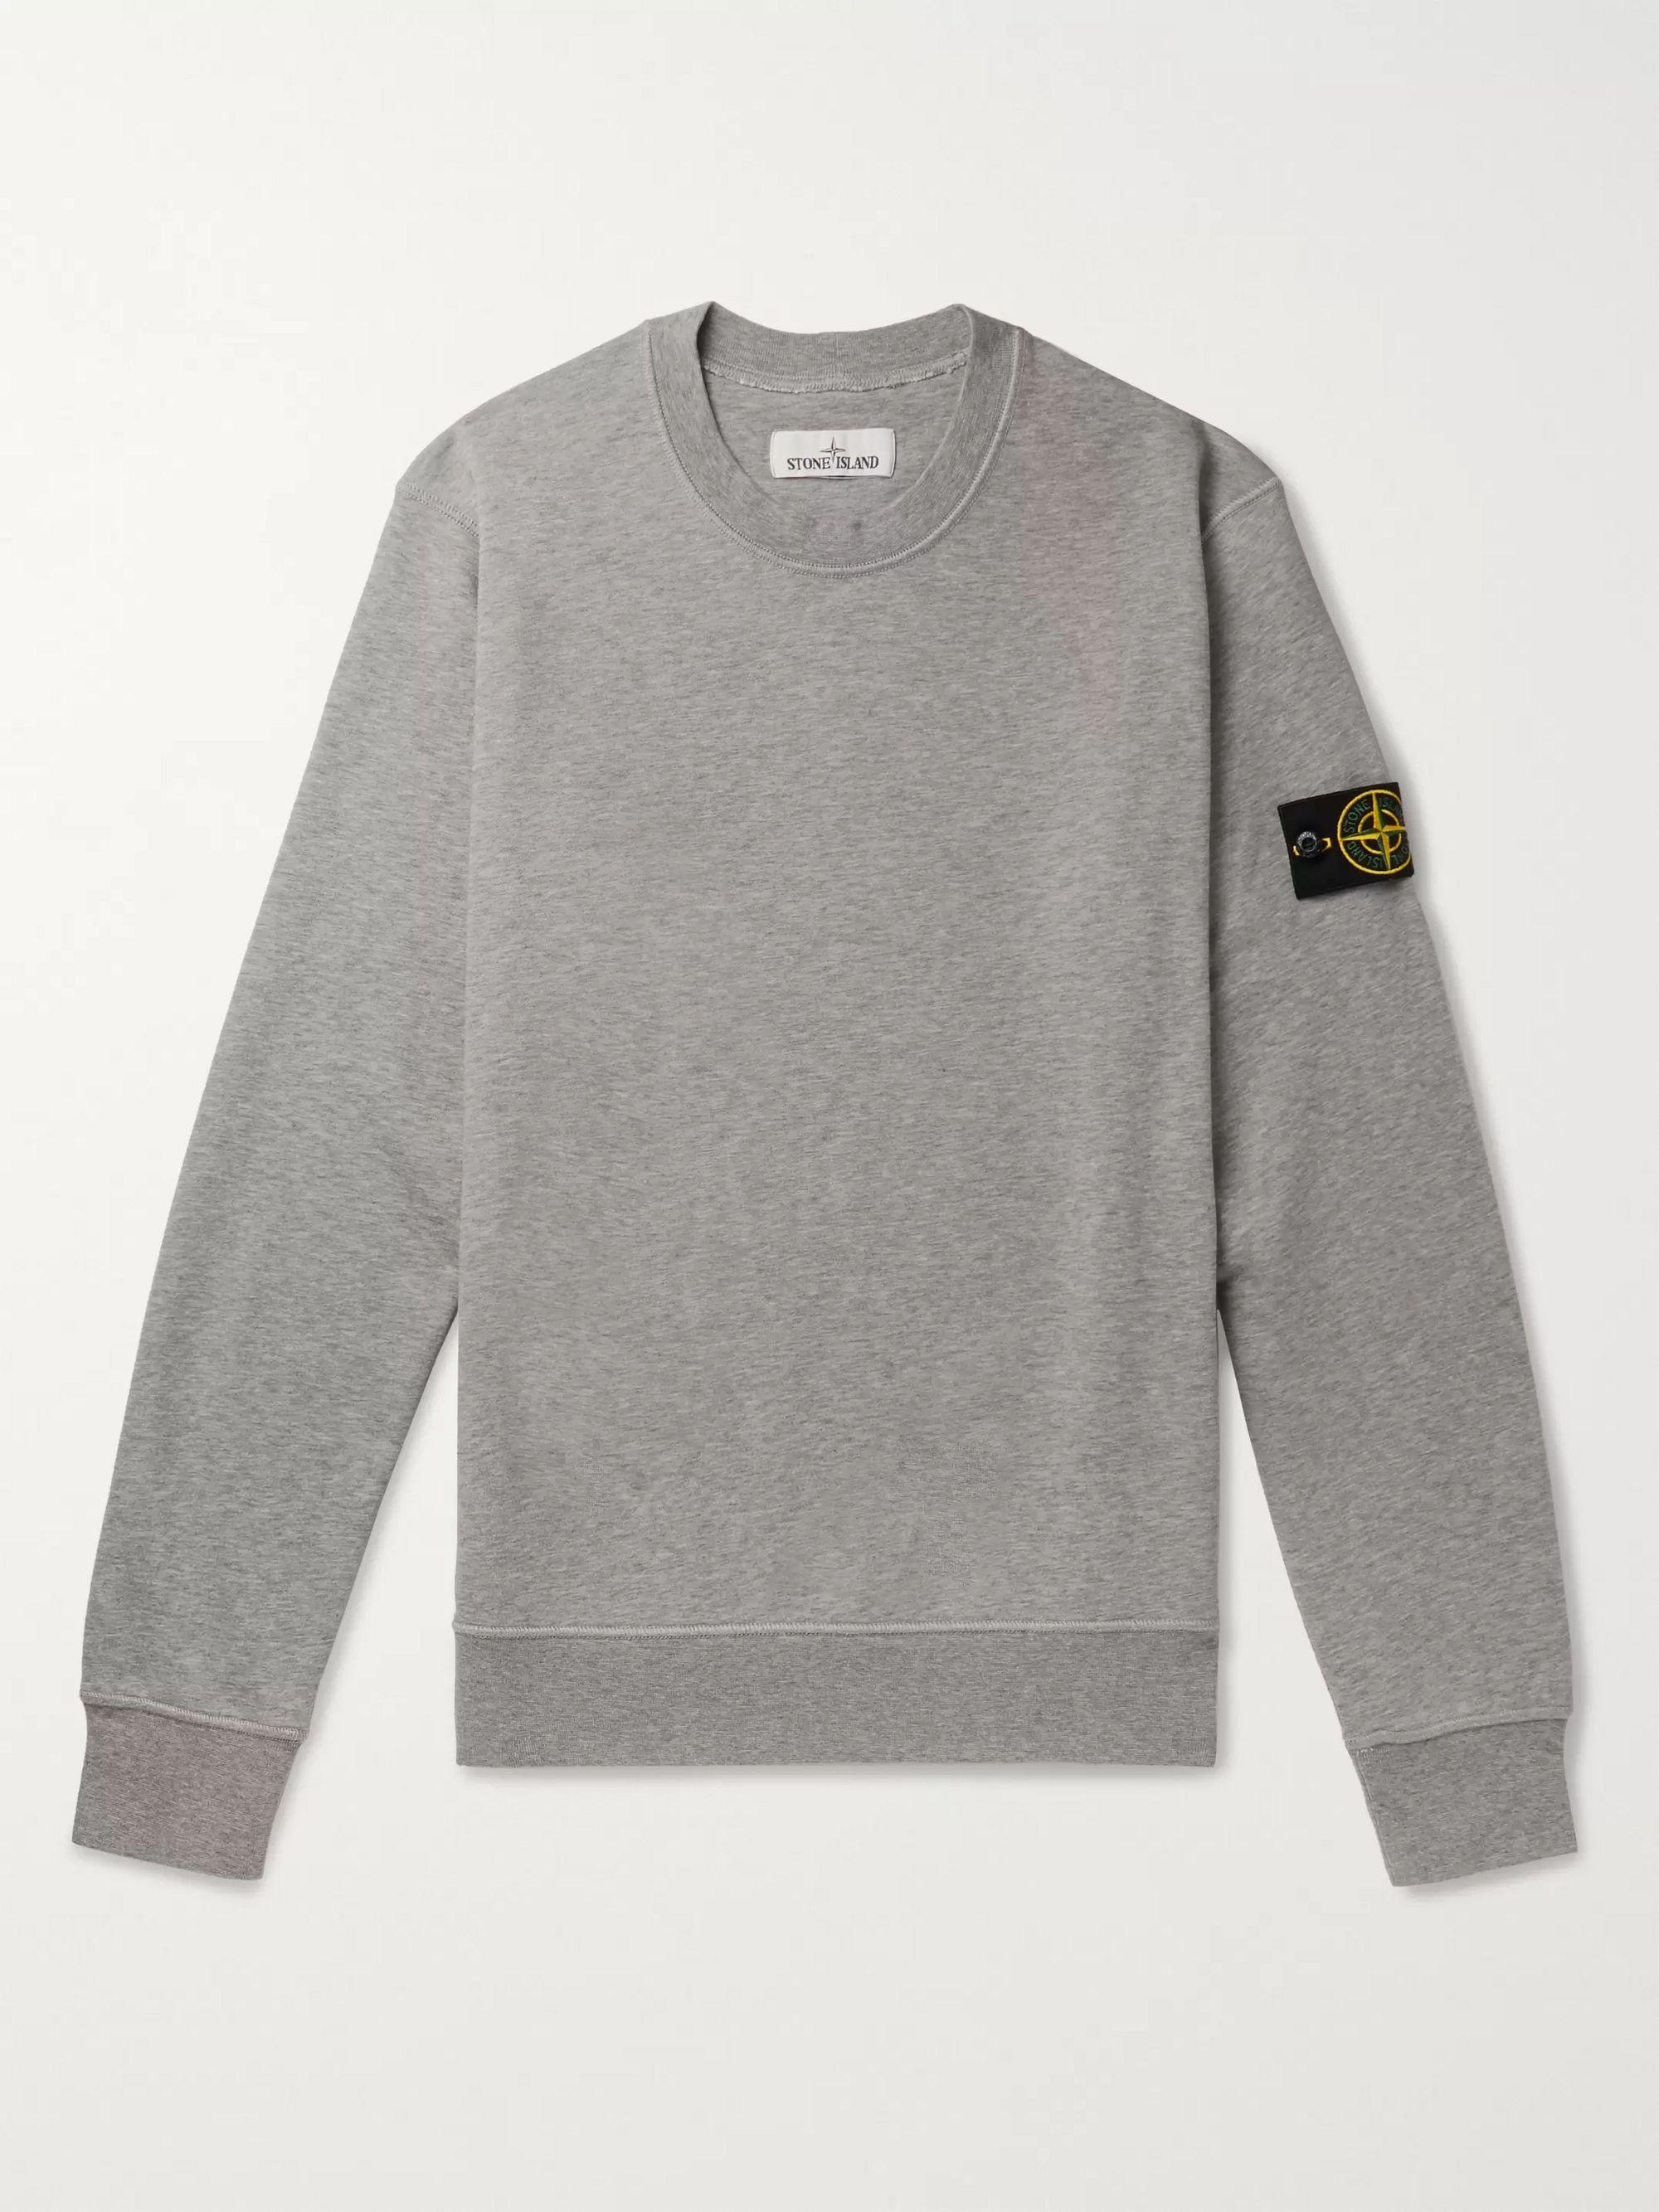 스톤 아일랜드 Stone Island Gray Logo-Appliqued Garment-Dyed Loopback Cotton-Jersey Sweatshirt,Gray